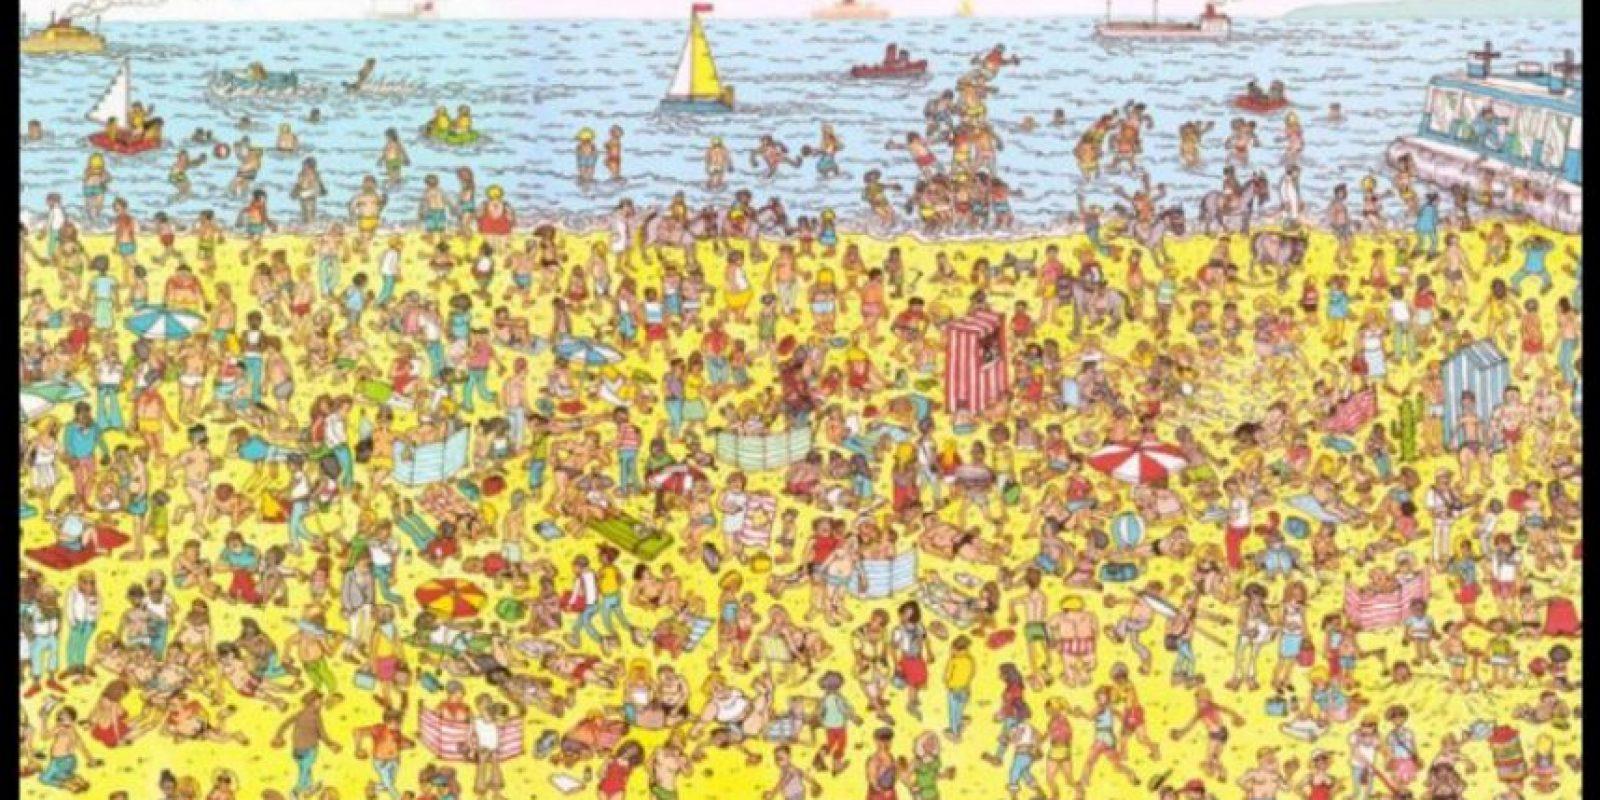 """y el más famoso de todos, """"Y ¿Dónde está Wally?"""" Foto:Tumblr"""